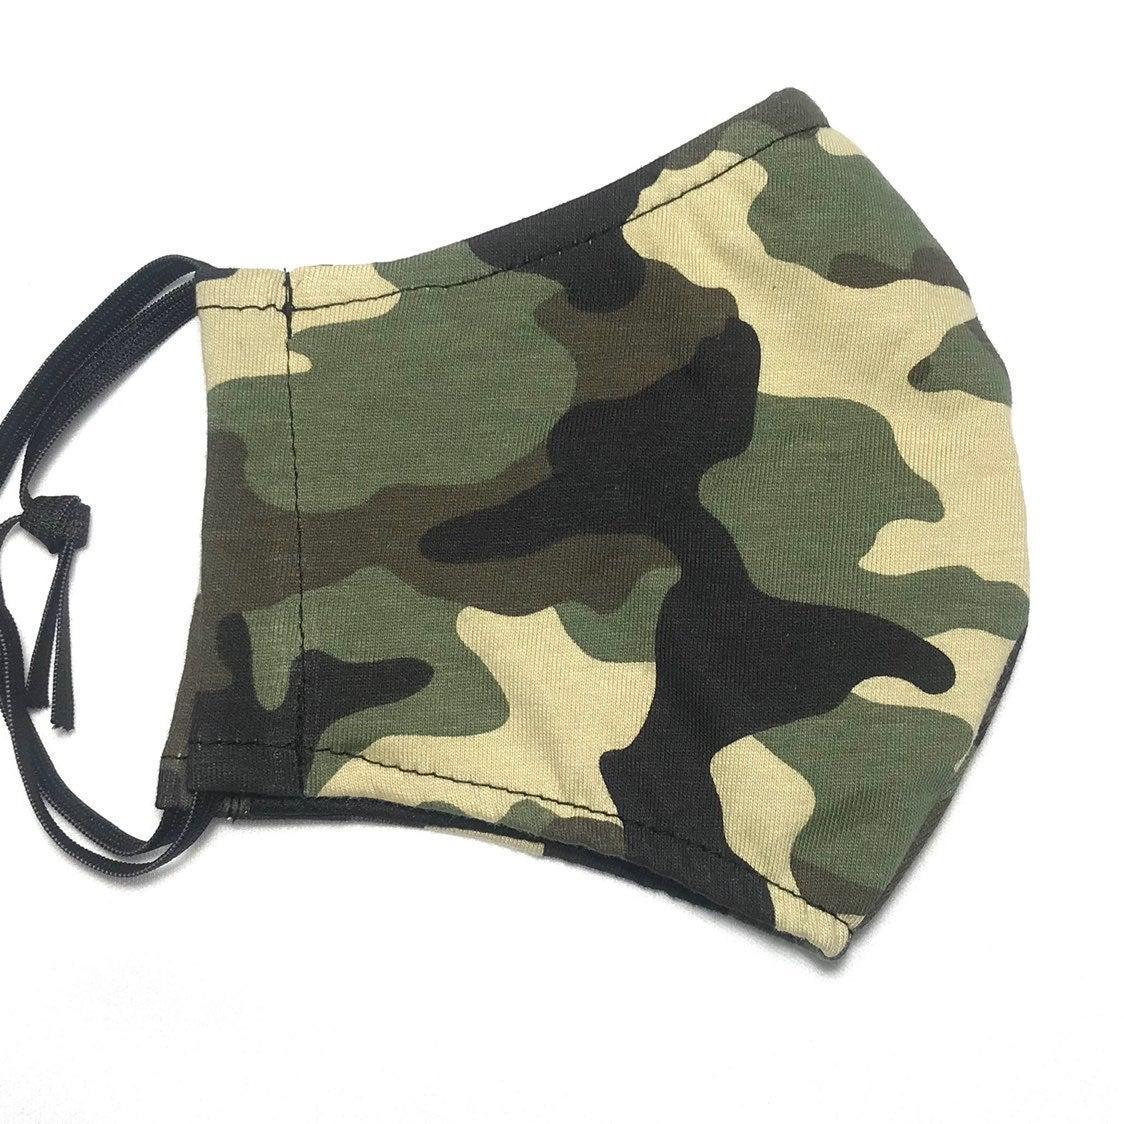 2pcs set Camouflage reusable face mask